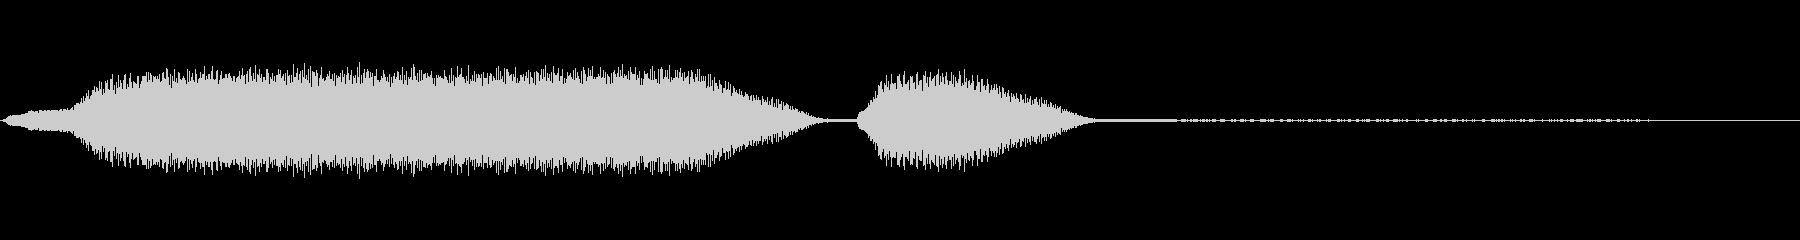 ディーゼル機関車:サウンドホーン、...の未再生の波形